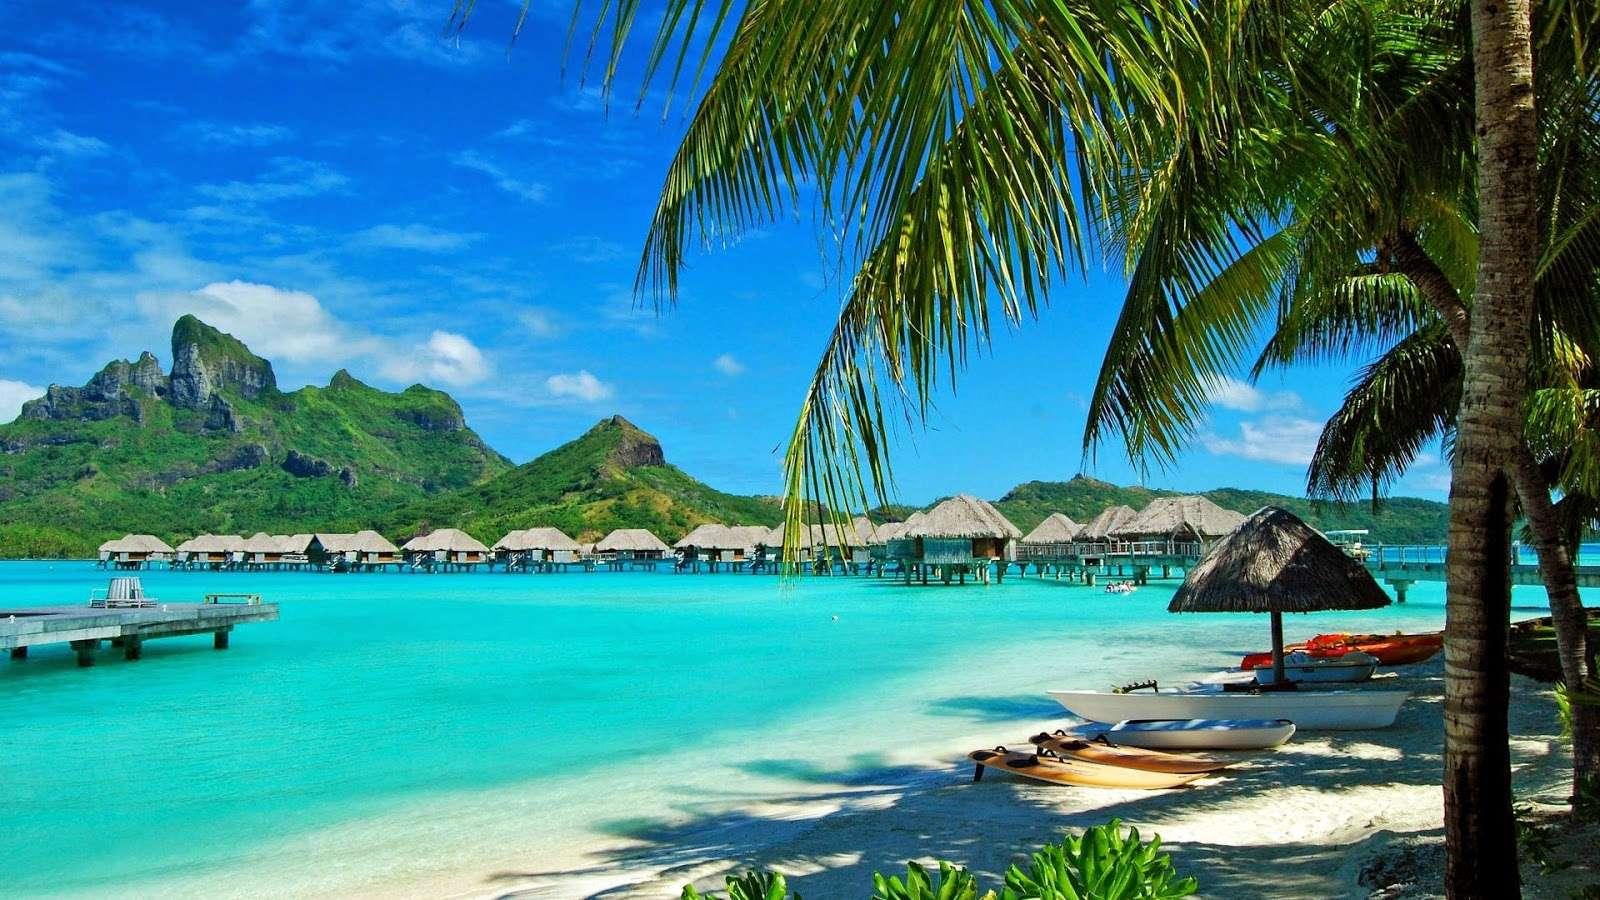 Mỗi năm hòn đảo Phú Quốc xinh đẹp luôn đón hàng trăm nghìn lượt du khách ghé thăm